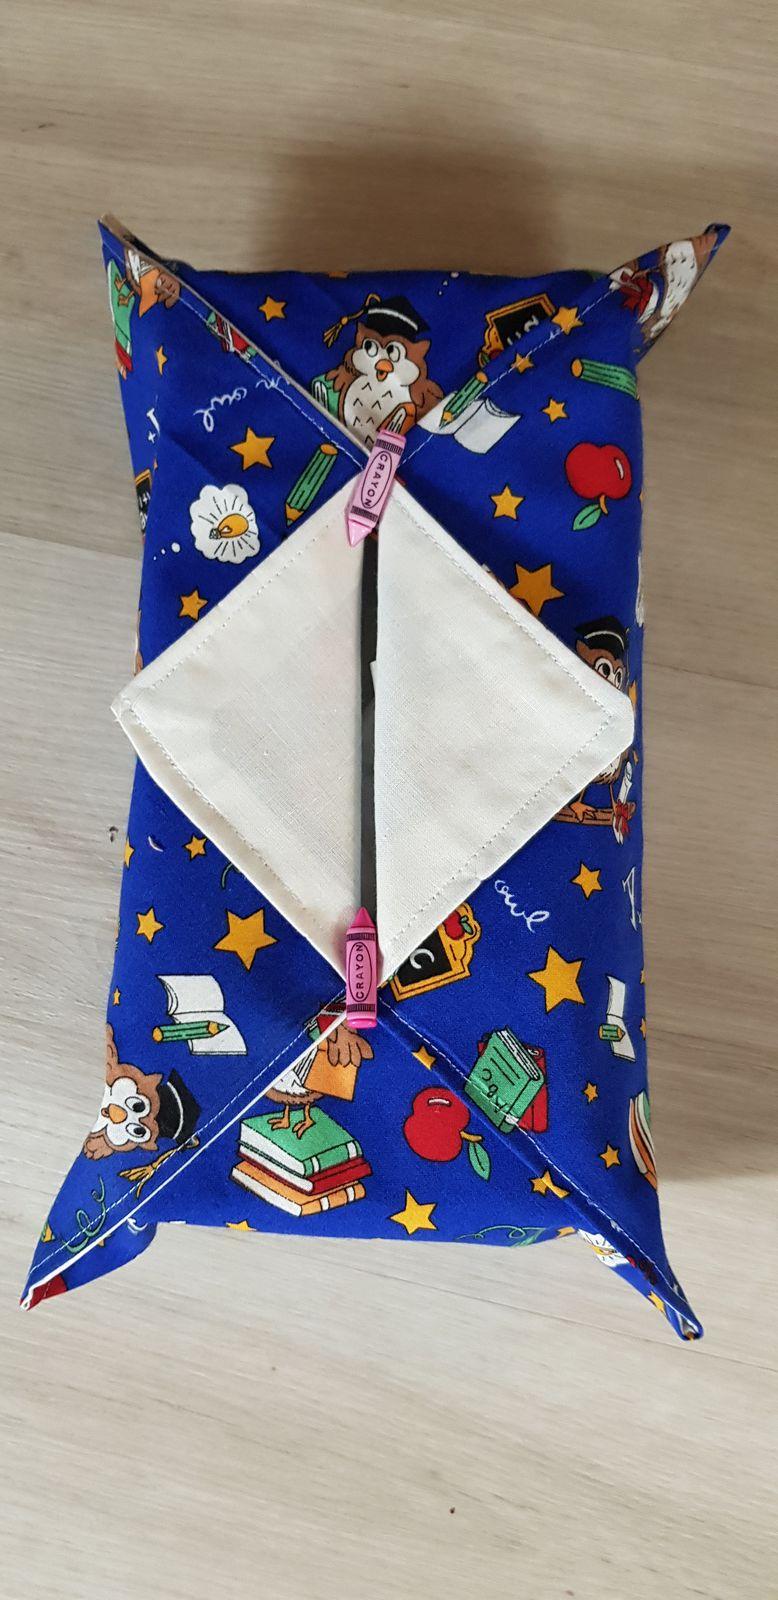 Comme chaque année  mes filles me sollicitent  pour le cadeau de fin d annee des maîtresses des enfants l année  dernière  c etait des essuis  mains personnalisés  cette année  c est des étuis pour boite a mouchoirs